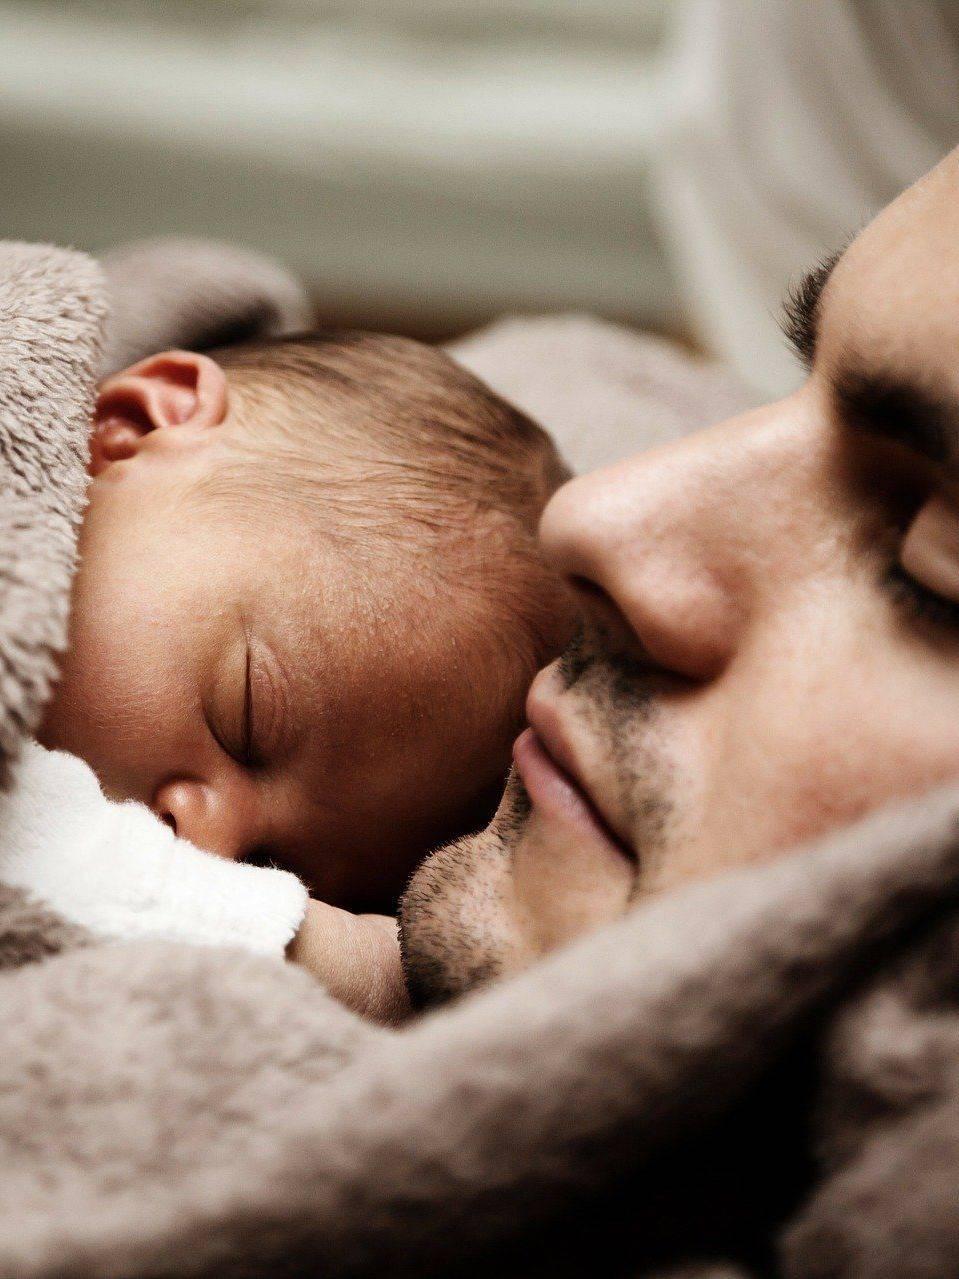 baby, vroeggeboren, prematuur, spanning, ouderschap, zelfvertrouwen, rust, balans, reinheid, holistisch